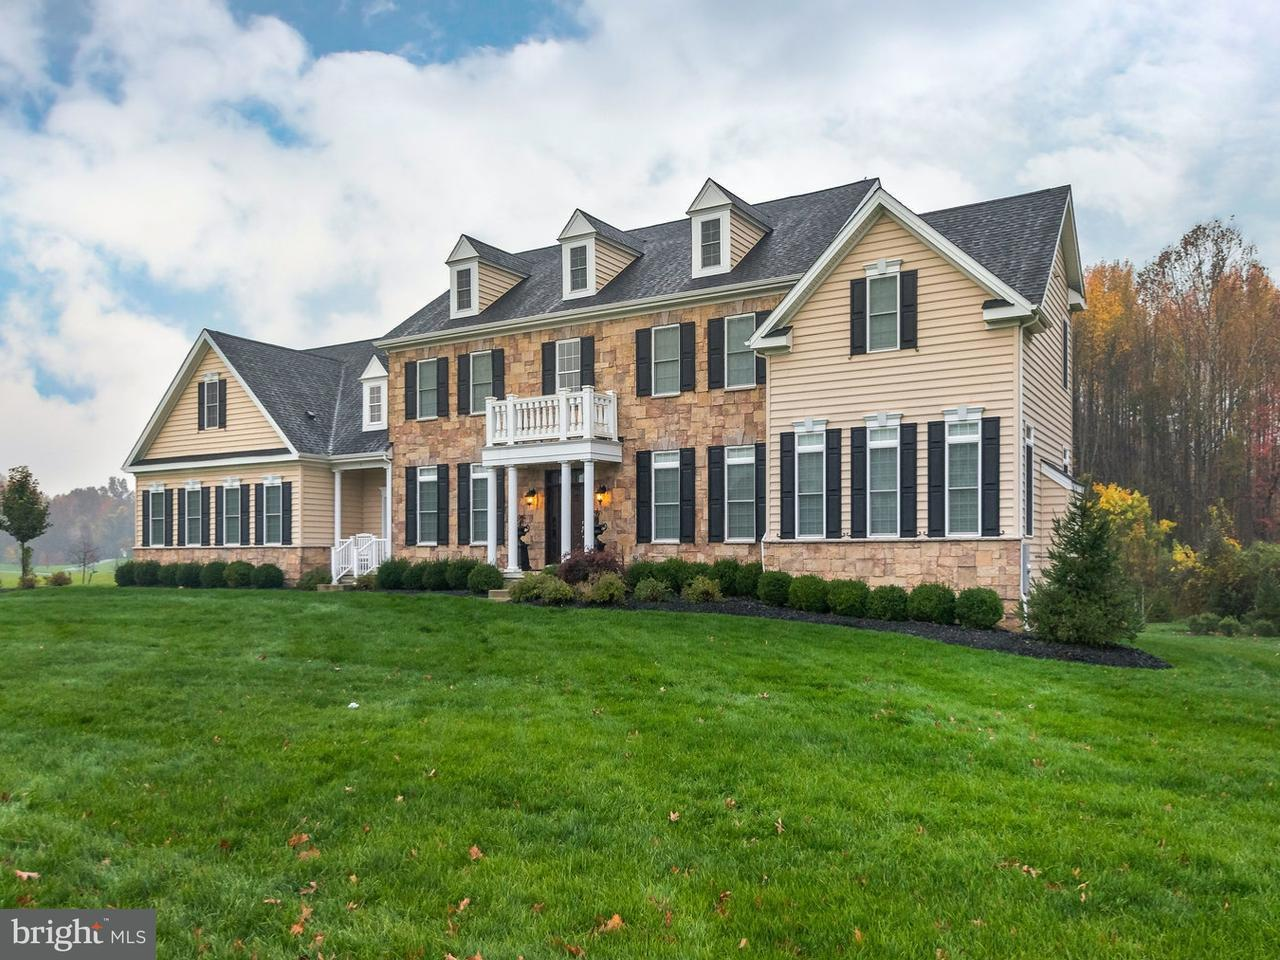 独户住宅 为 销售 在 5 BUTTONWOOD Court Moorestown, 新泽西州 08057 美国